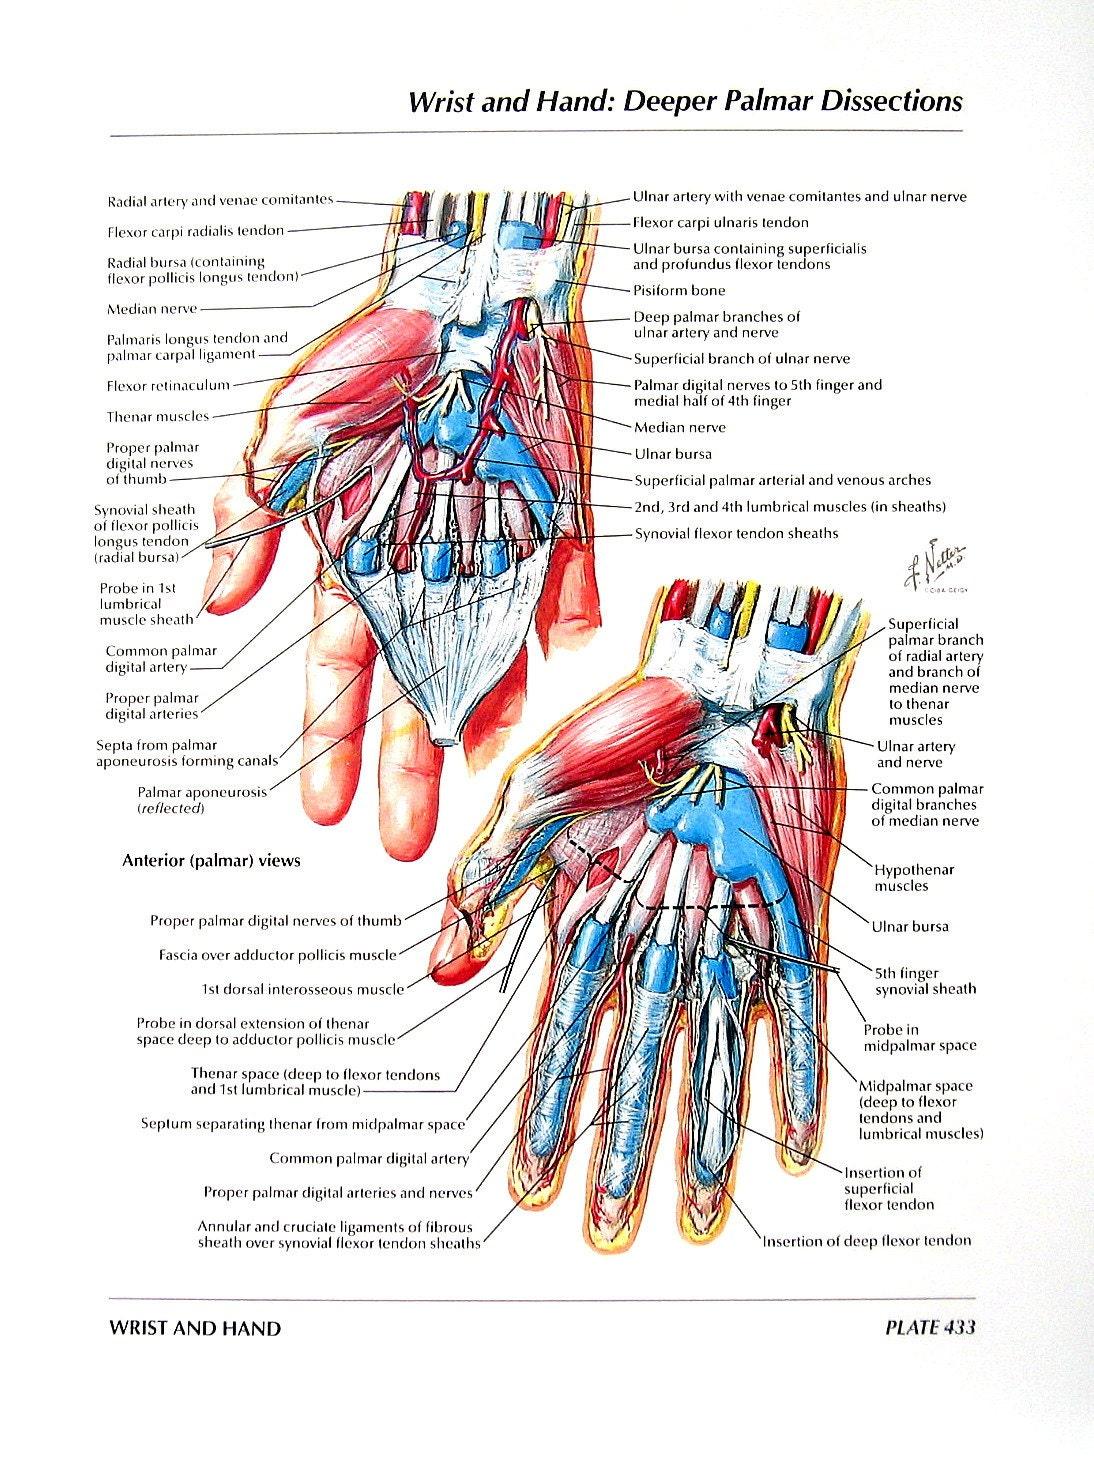 Anatomía grabado muñeca de la mano Palmar disecciones